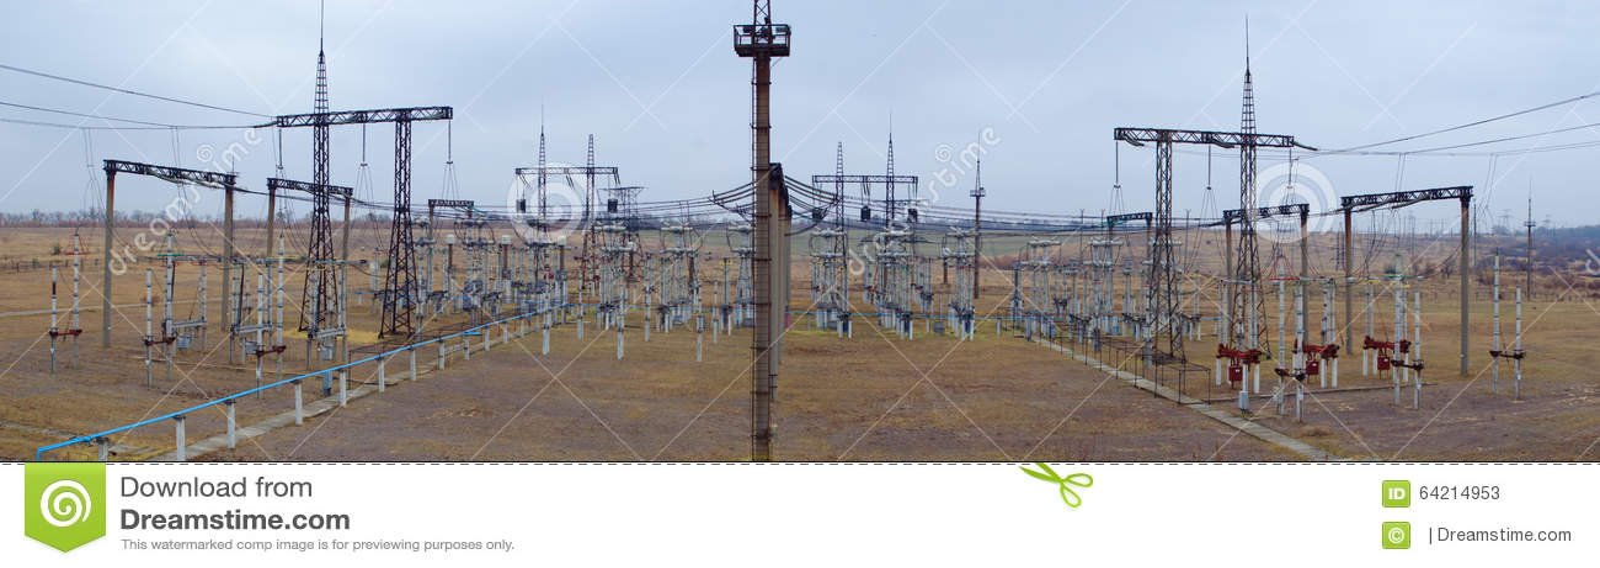 Panorama de la subestación eléctrica